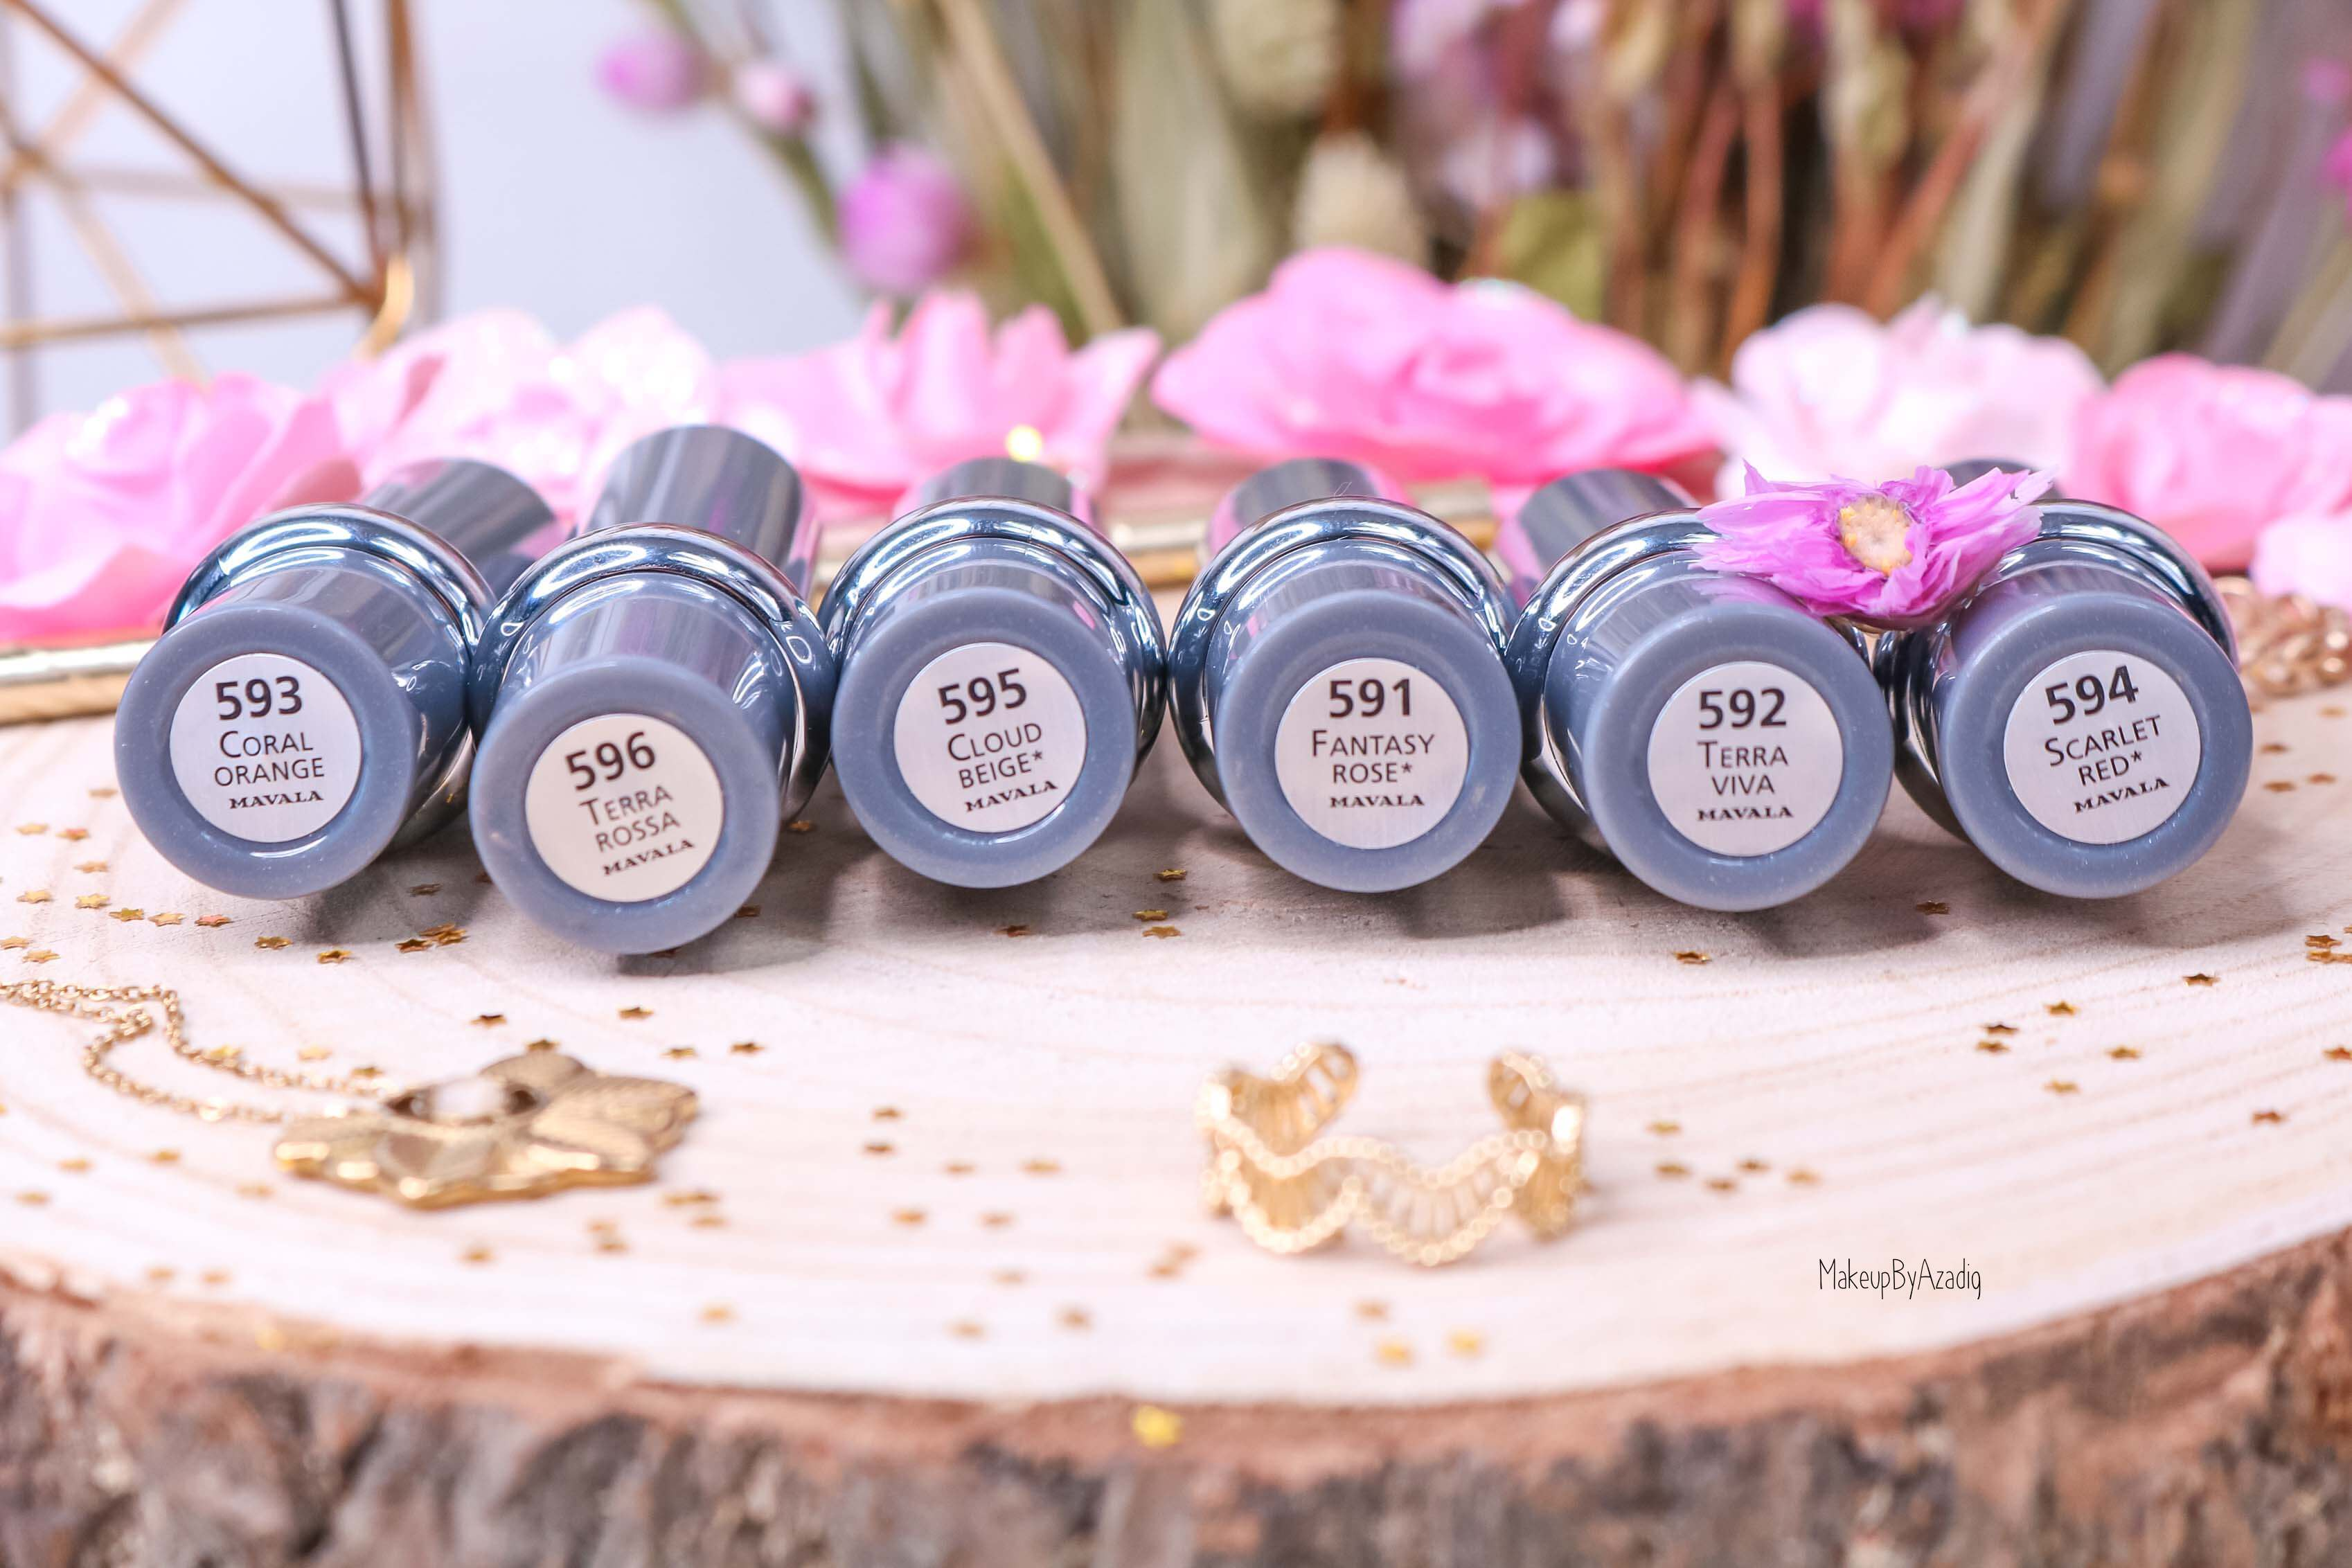 revue-rouge-a-levres-mavala-collection-sunlight-tendance-printemps-ete-2019-2020-monoprix-paris-makeupbyazadig-avis-prix-swatch-packaging